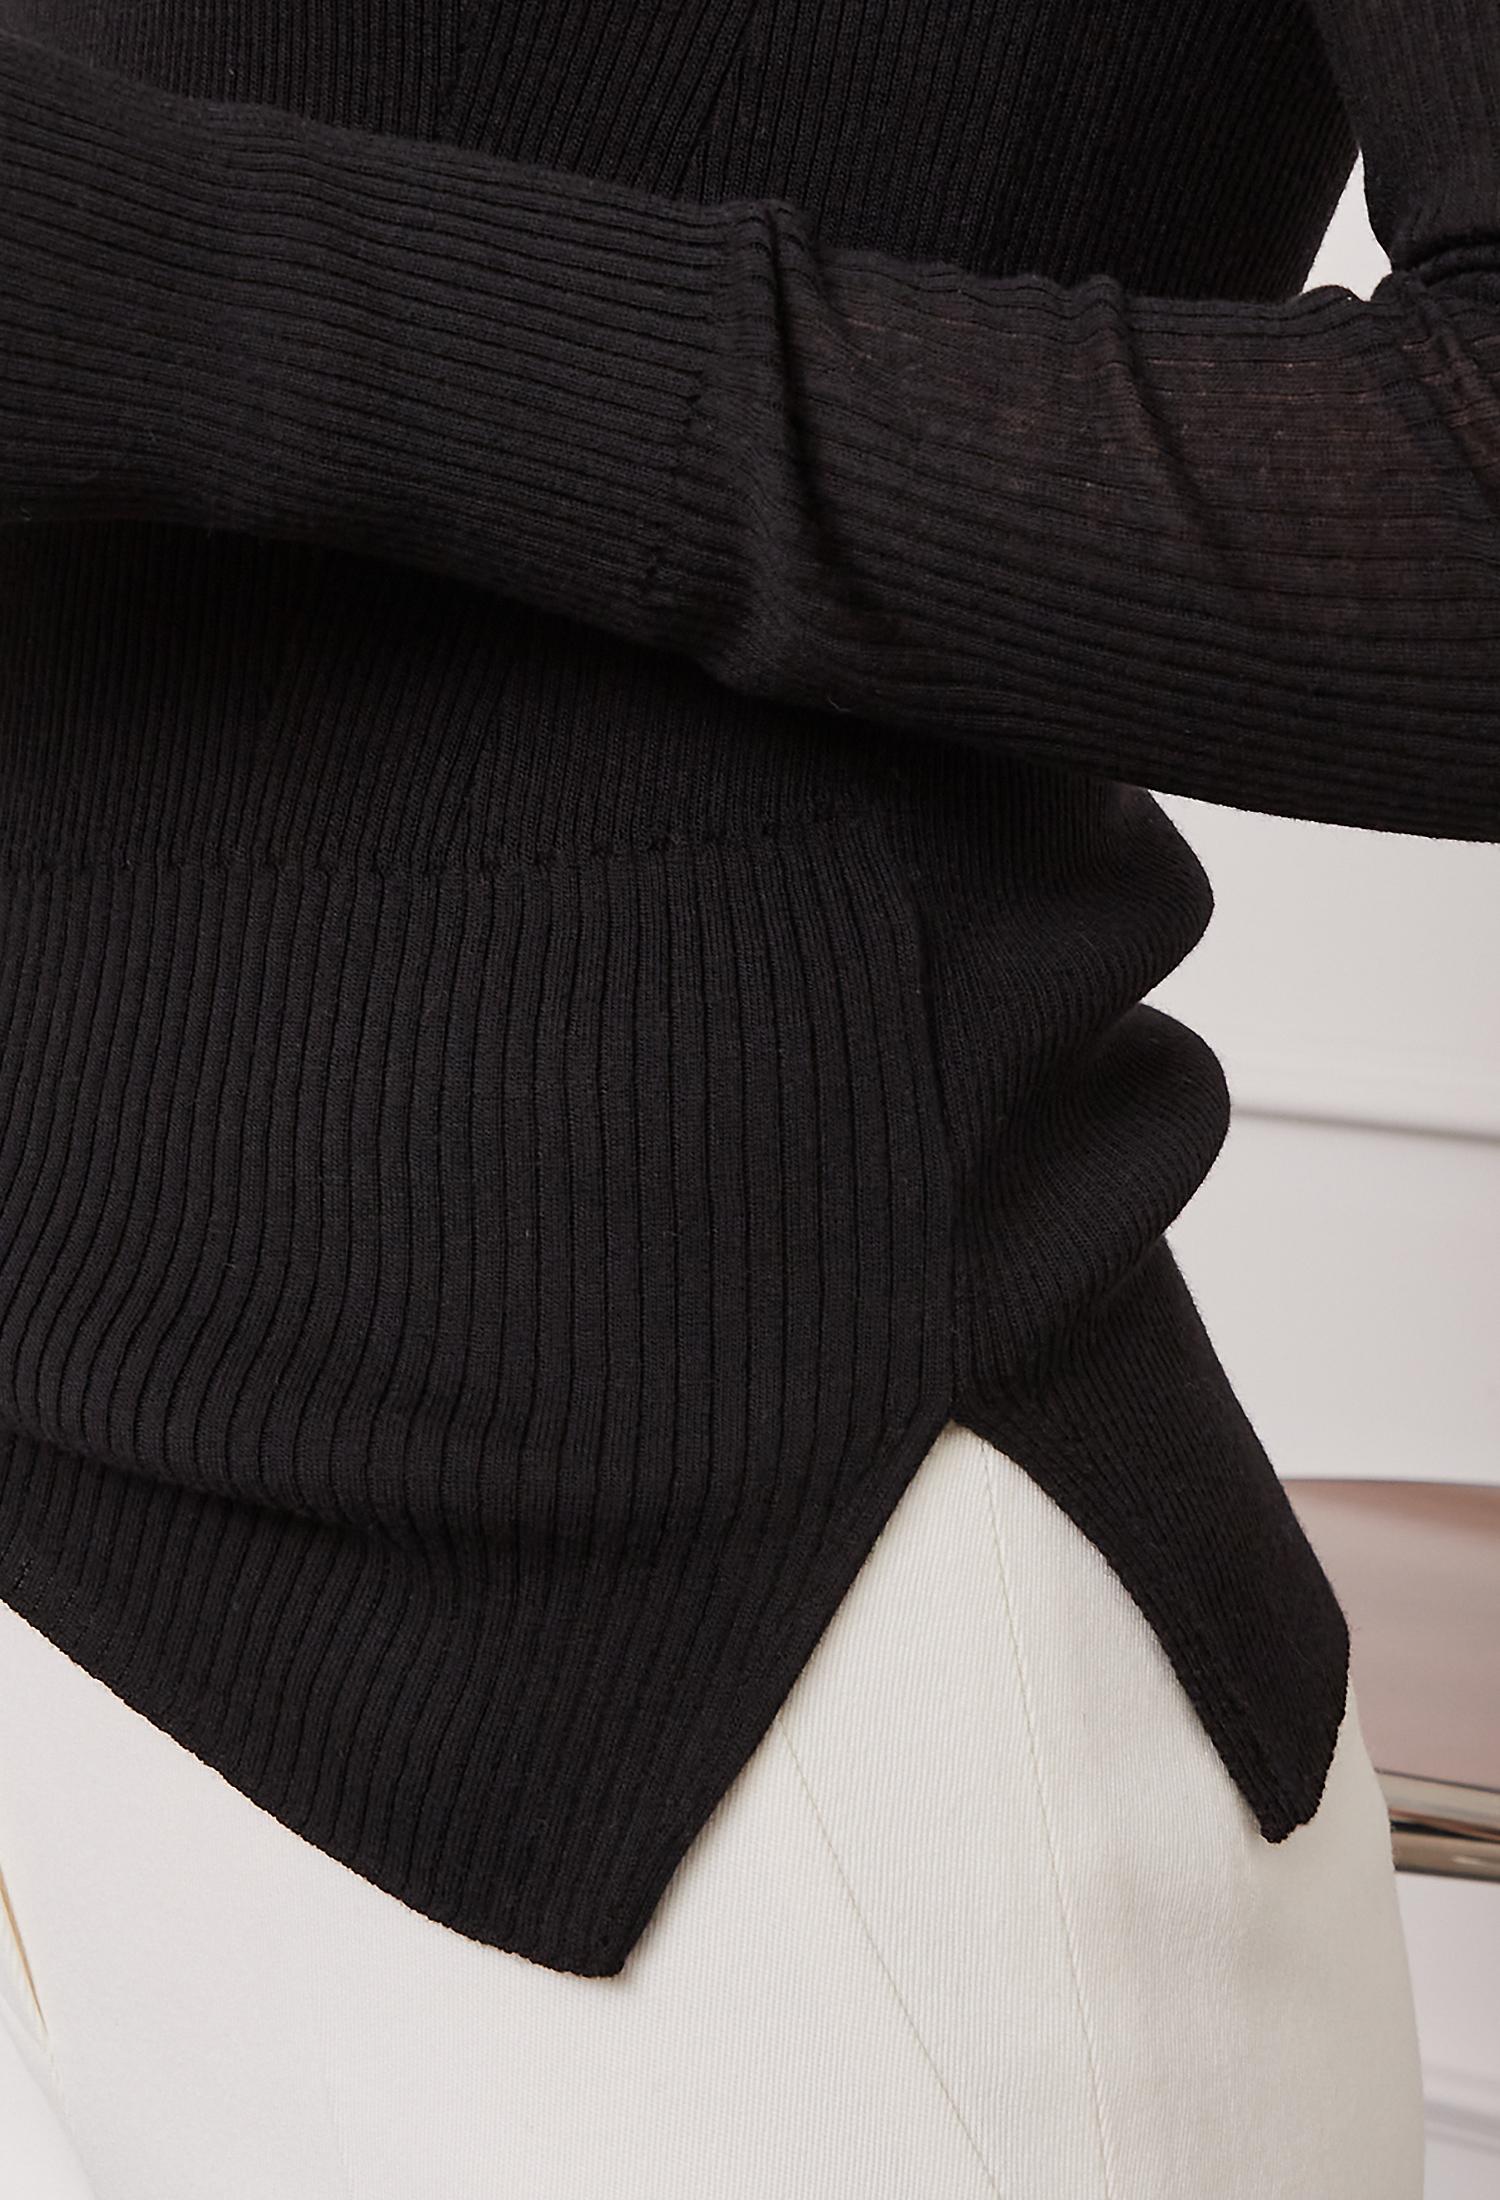 울 블렌드 하이넥 풀오버 니트 (BLACK)